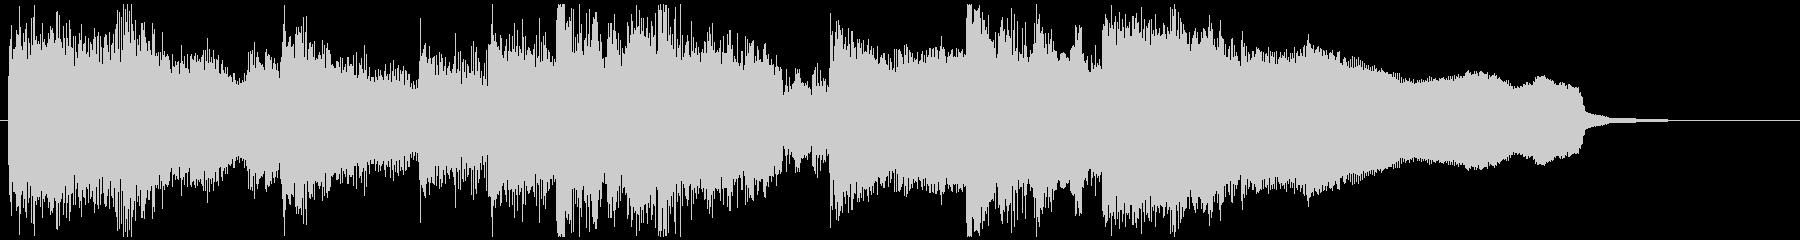 篠笛の音色が印象的な15秒CM向けの曲の未再生の波形